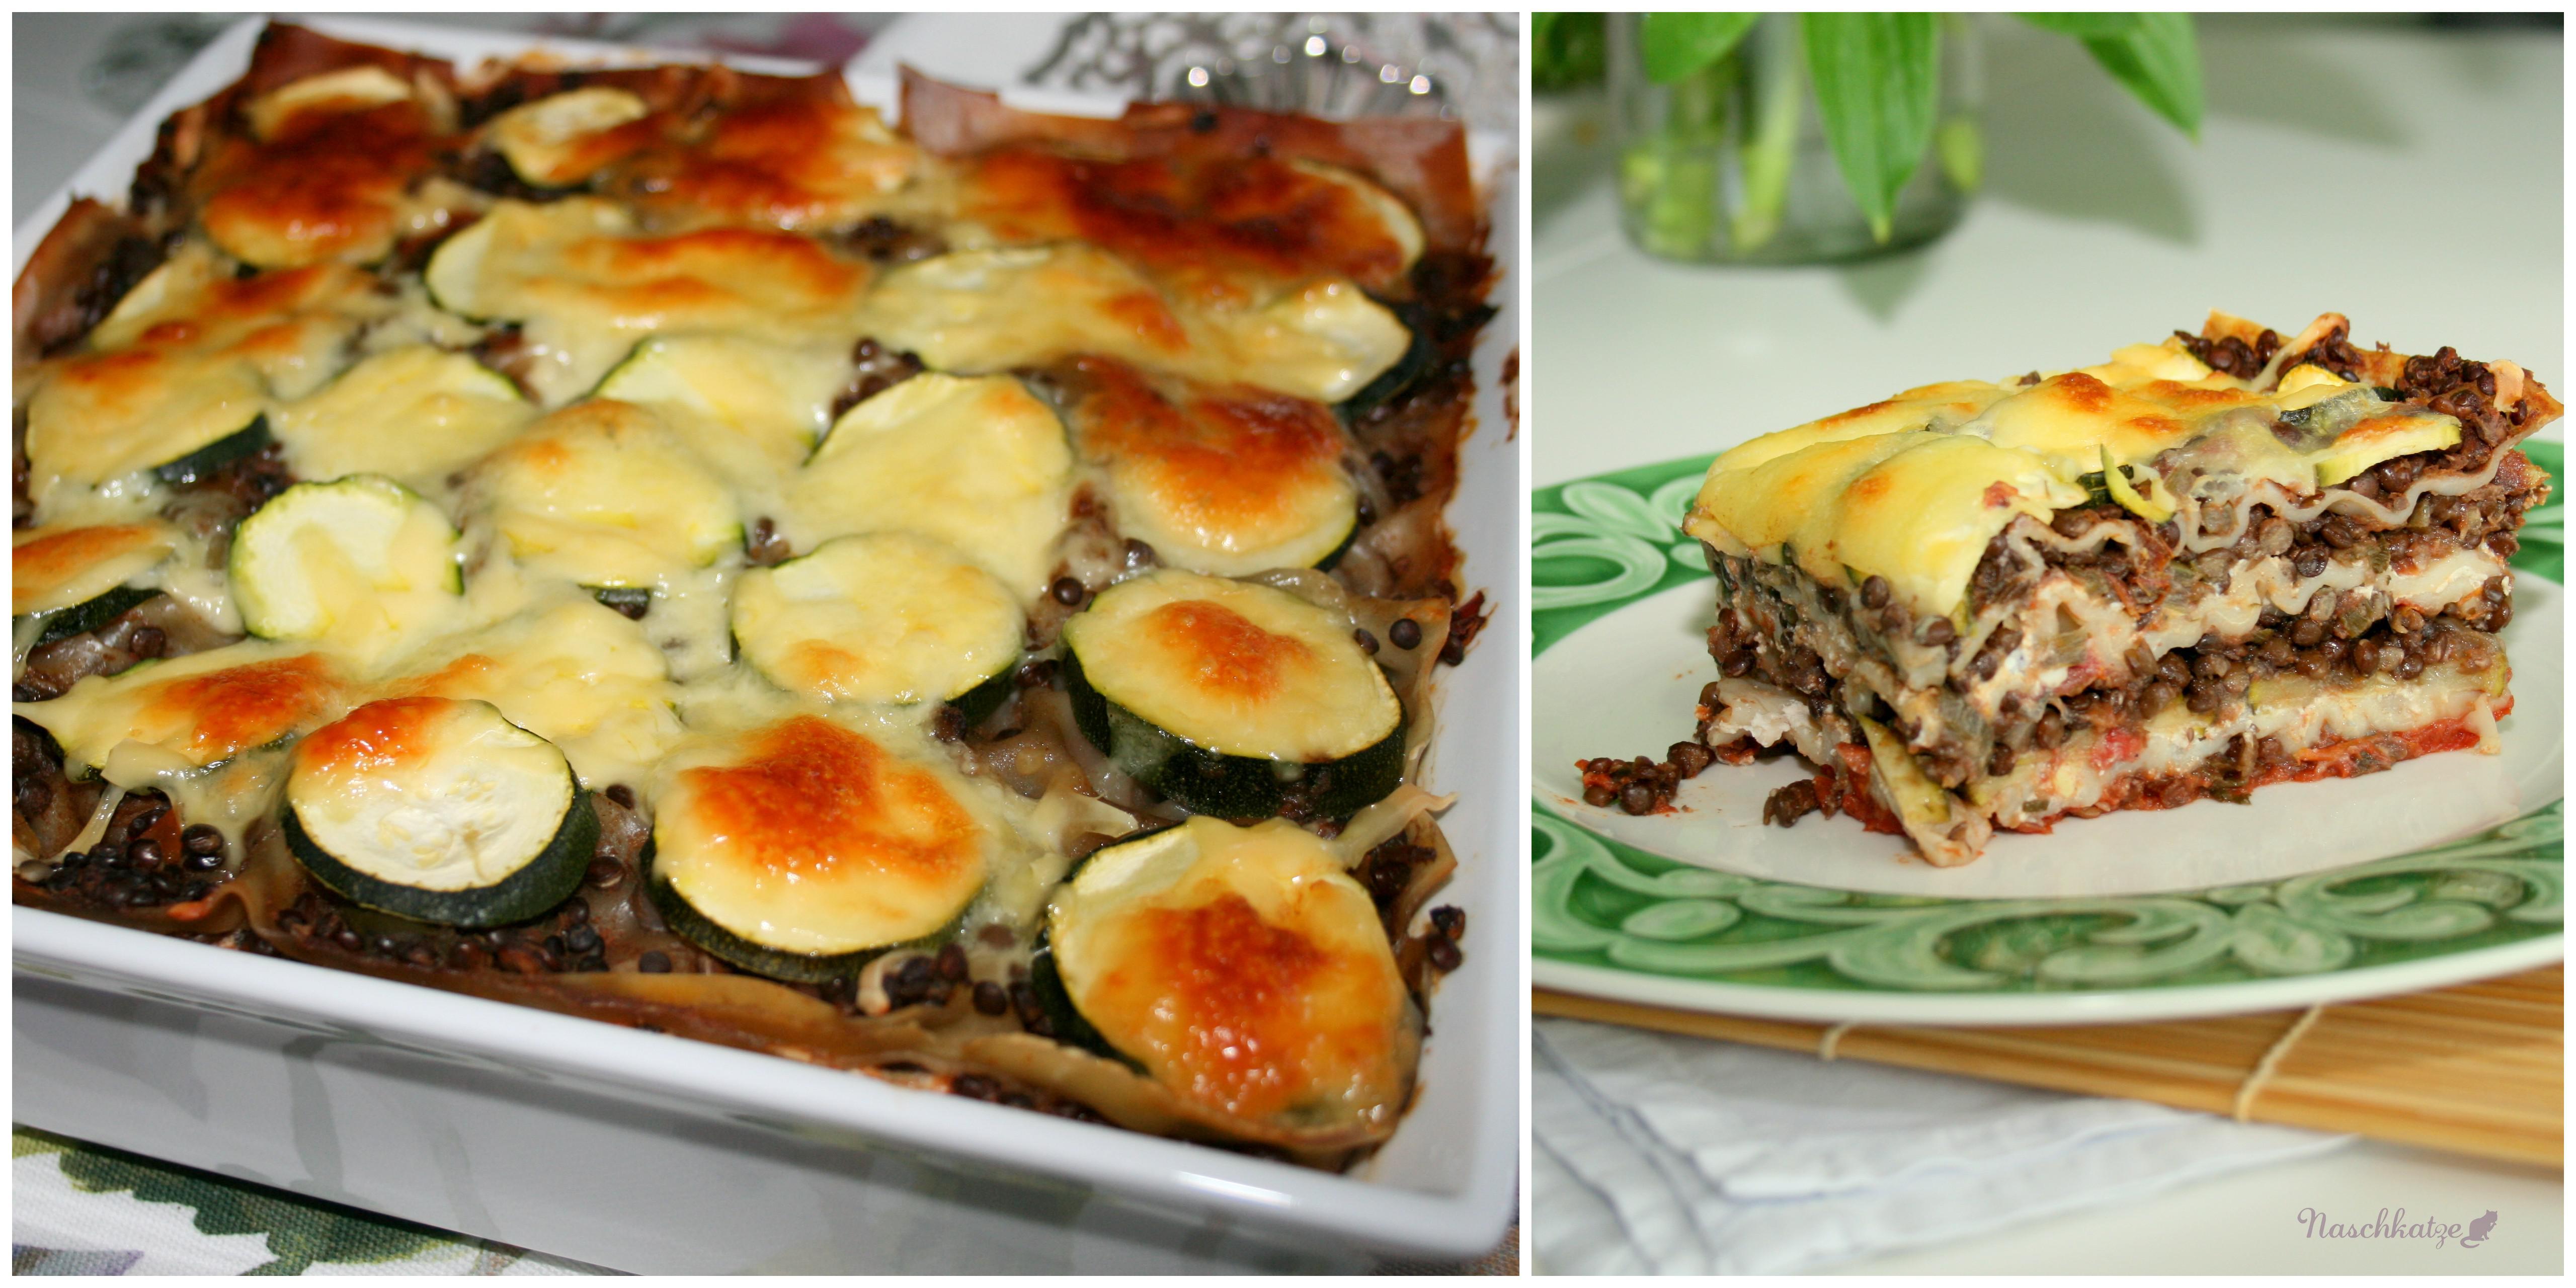 rezept vegetarische lasagne zucchini beliebte gerichte und rezepte foto blog. Black Bedroom Furniture Sets. Home Design Ideas